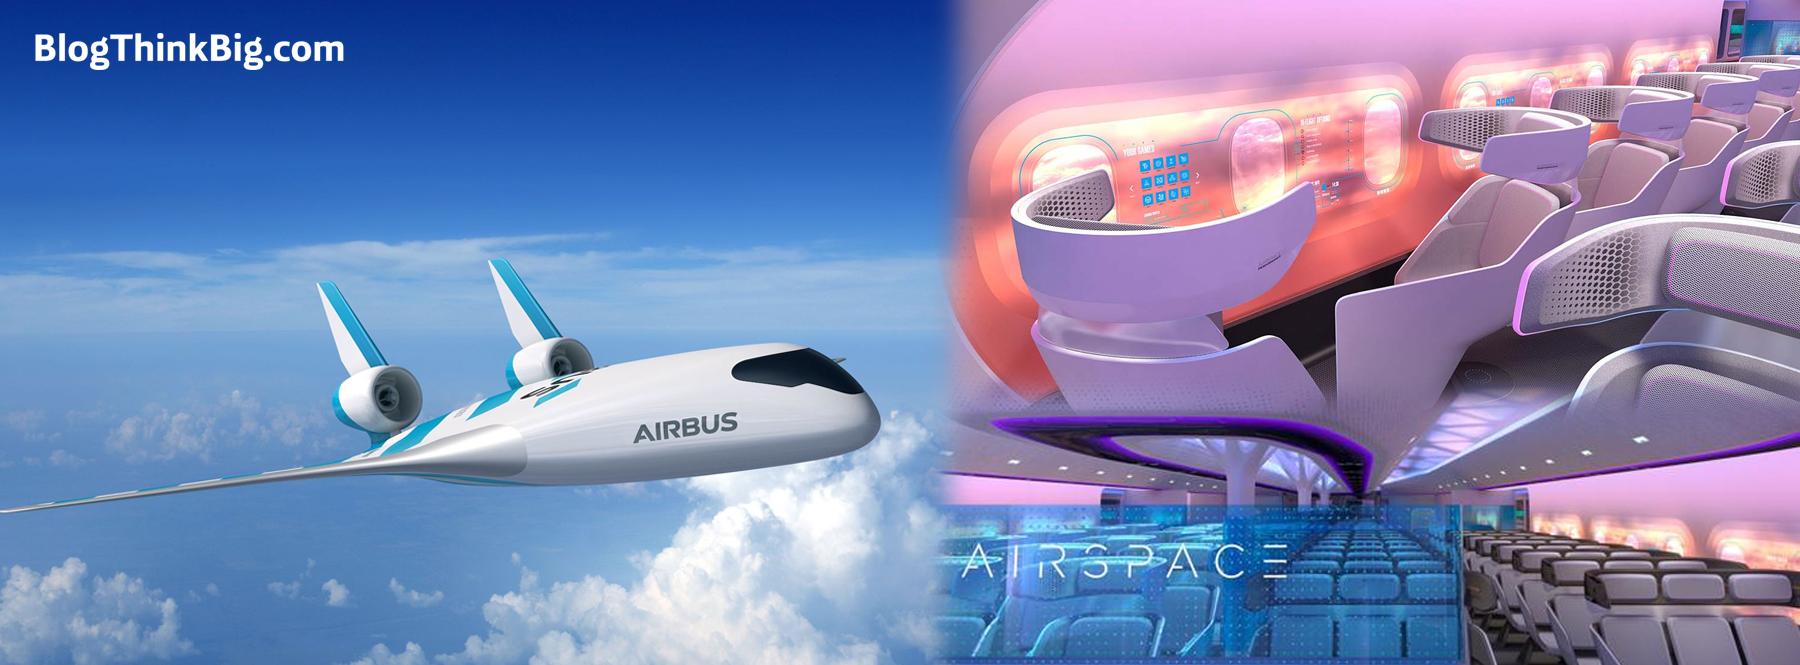 Maveric, el nuevo modelo de Airbus que pretende revolucionar la aviación comercial